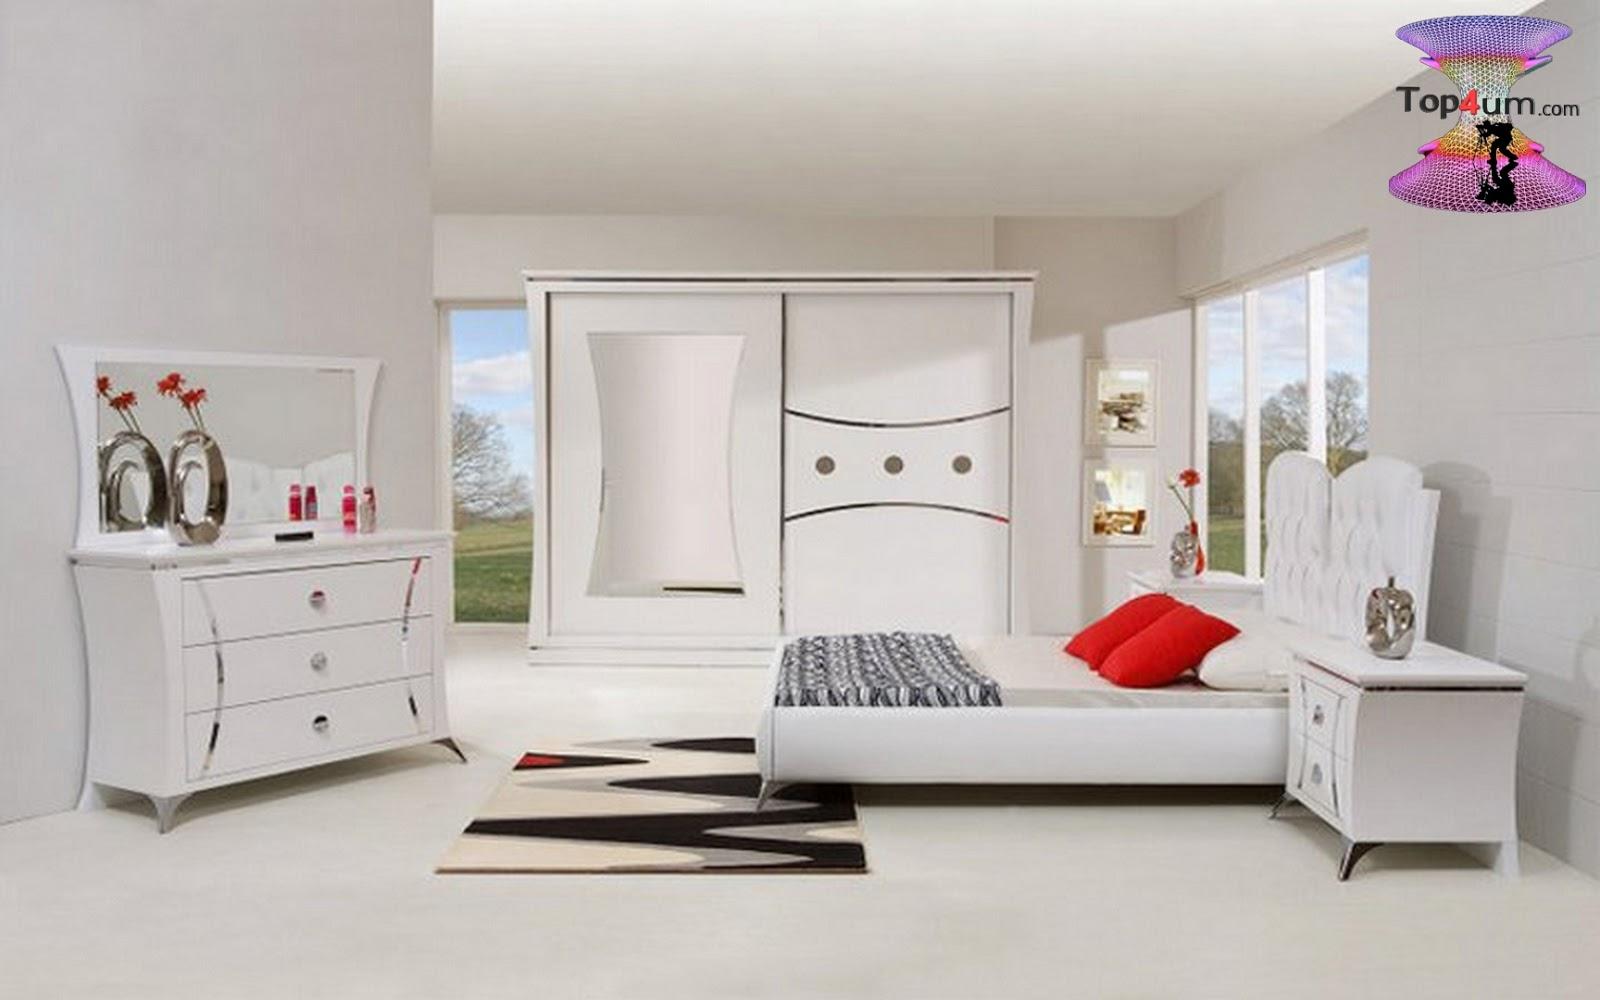 احدث كتالوج صور غرف نوم مودرن 2020 2021 Modern Bedrooms Top4